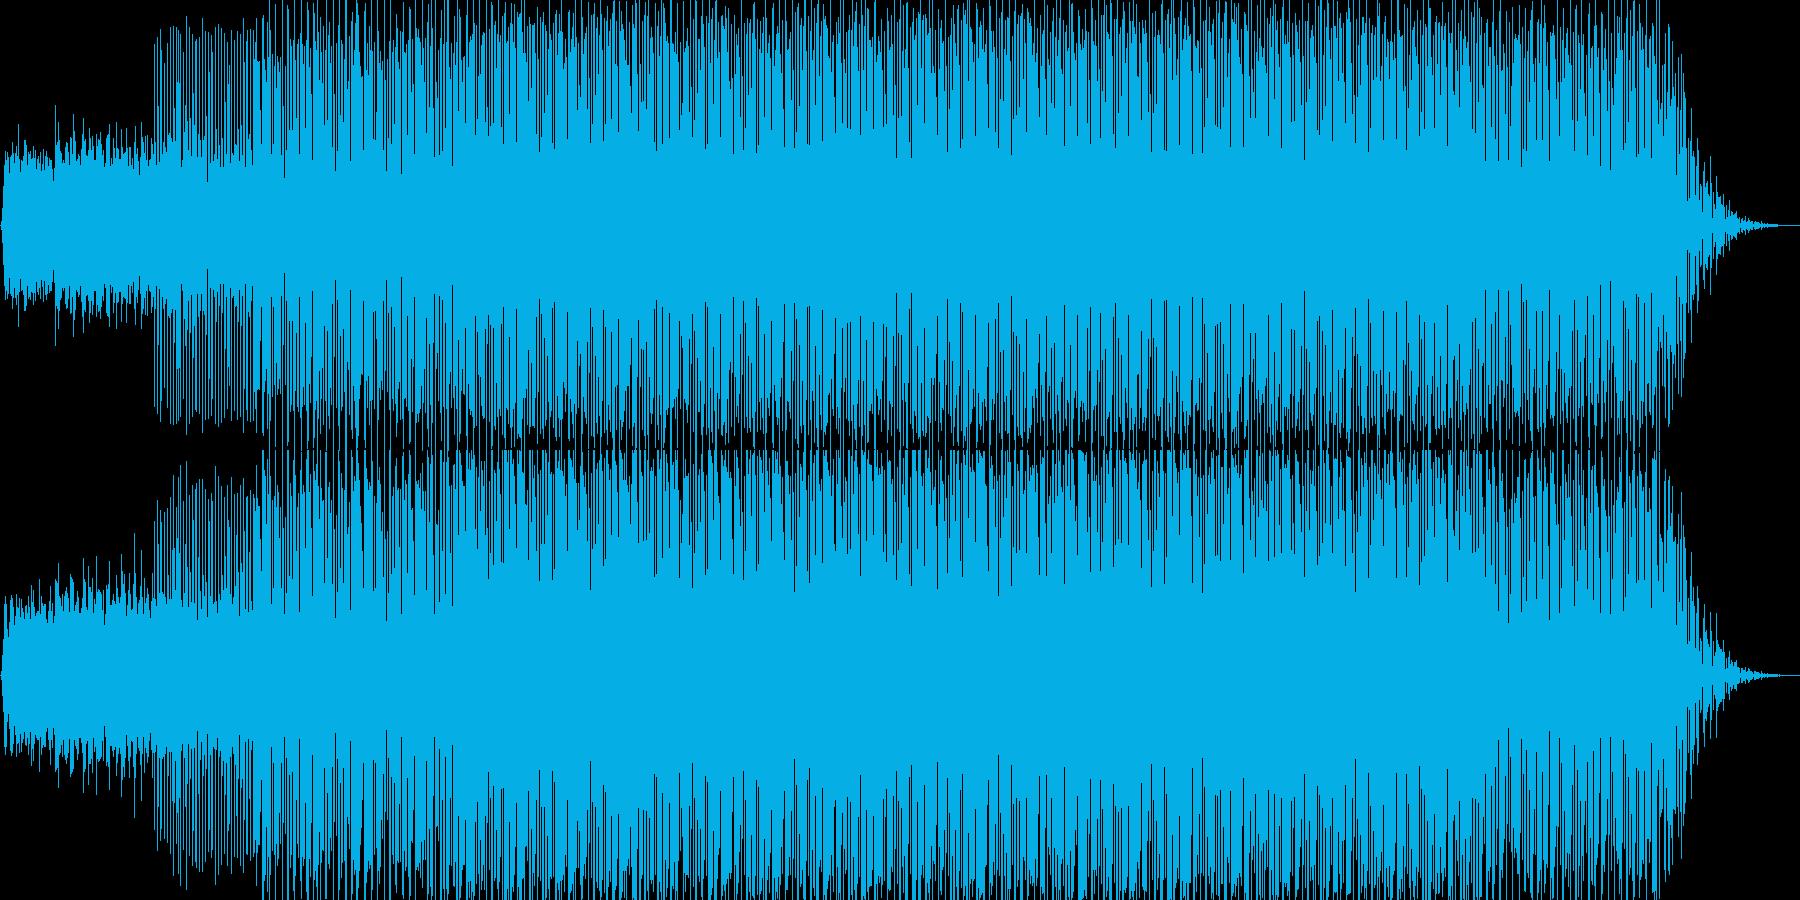 アンビエントなエレクトロハウスの再生済みの波形